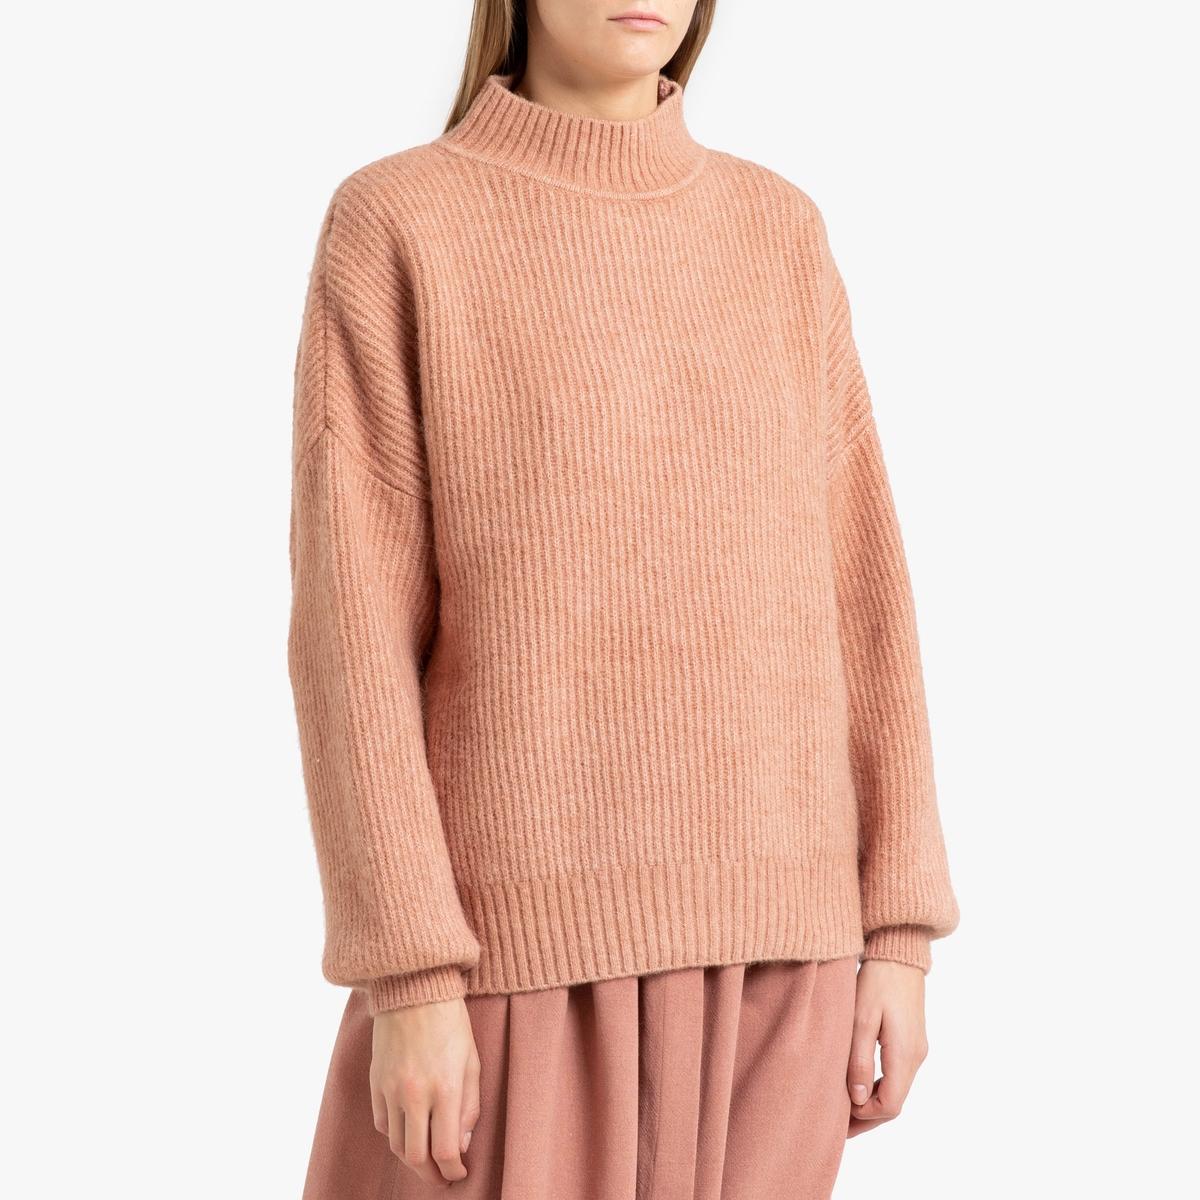 Пуловер La Redoute Длинный с воротником-стойкой из трикотажа PITKIN M розовый цена в Москве и Питере